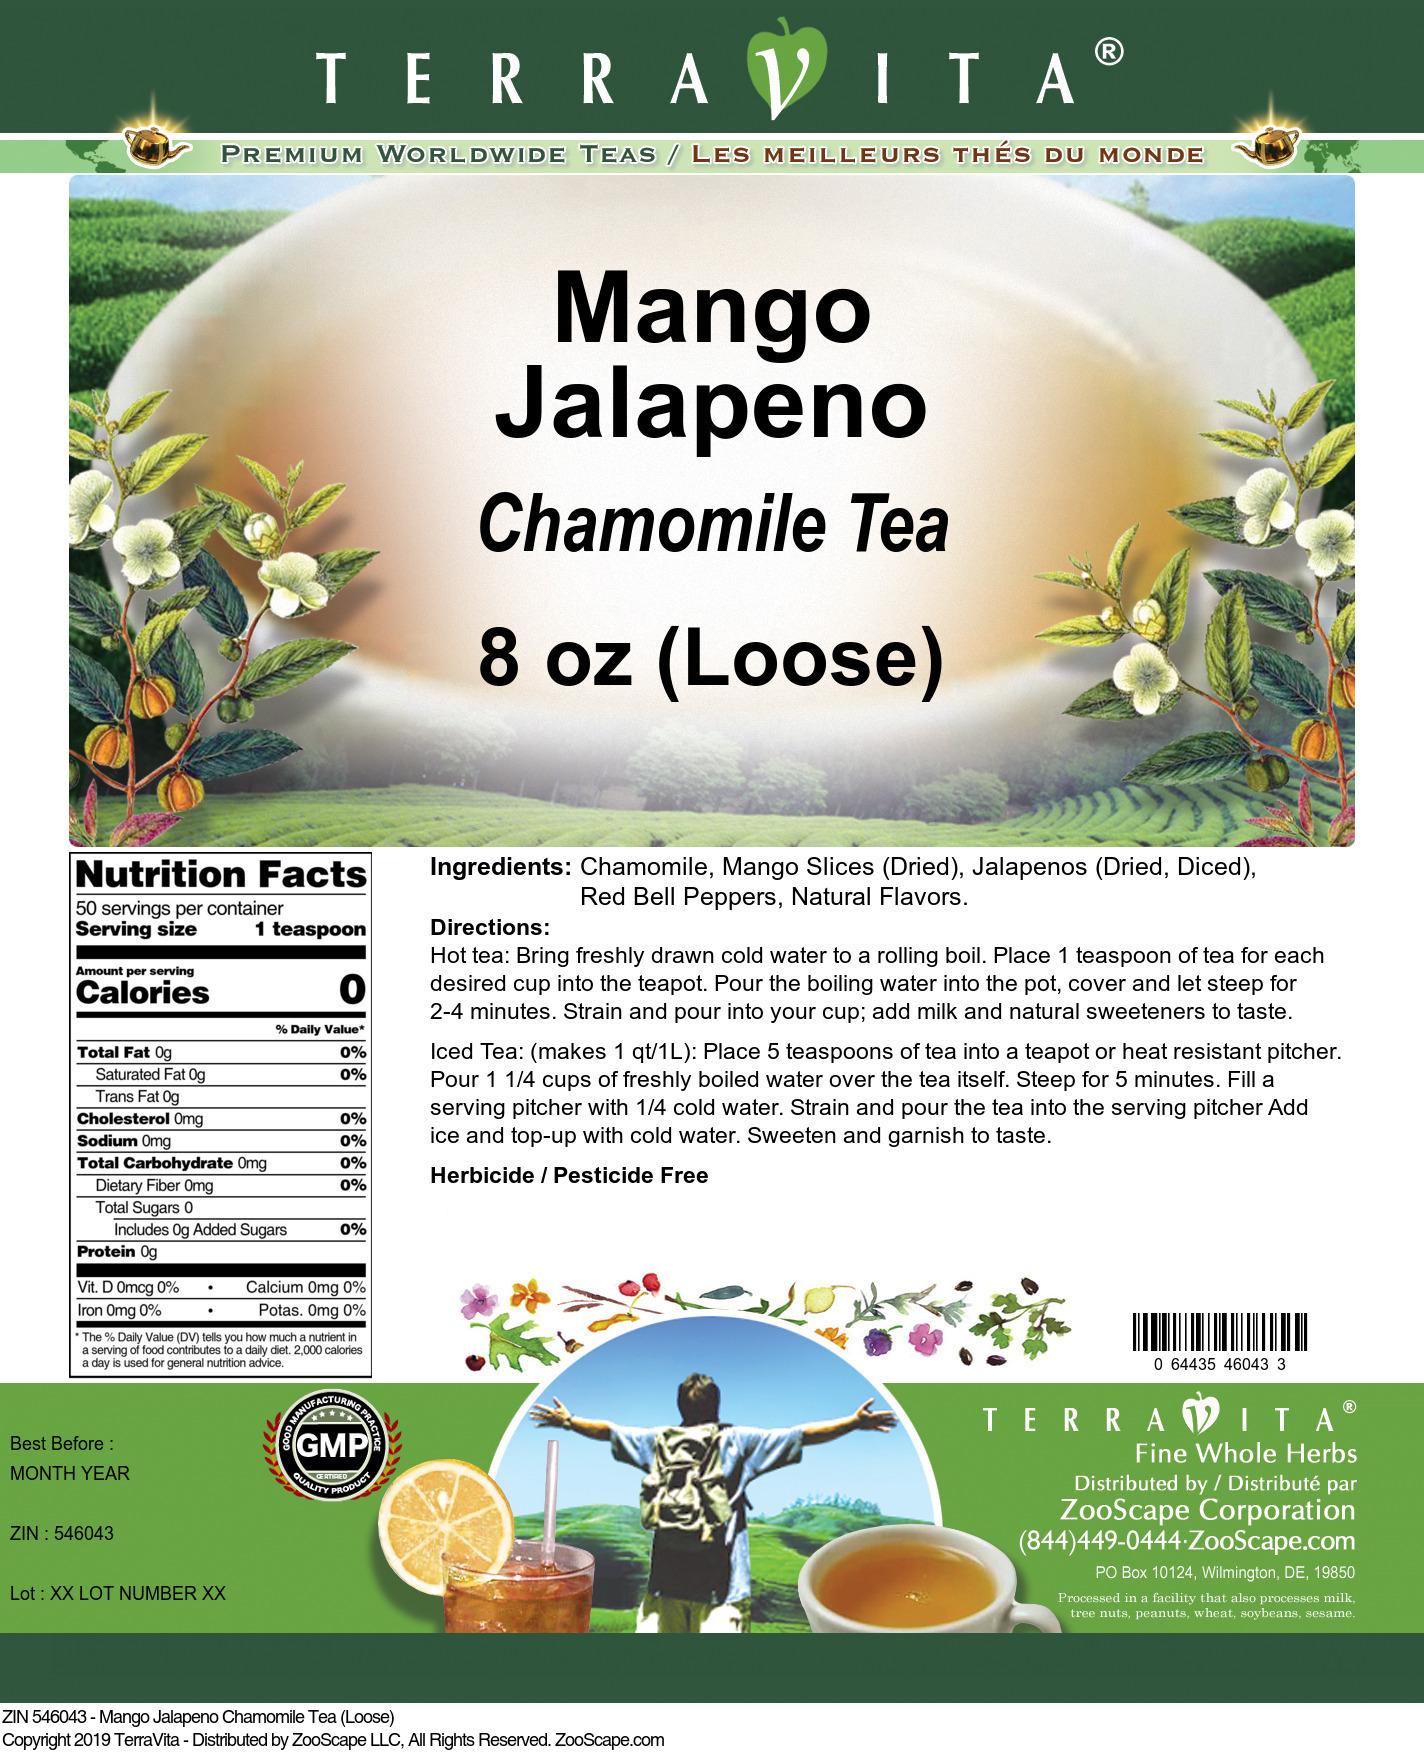 Mango Jalapeno Chamomile Tea (Loose)